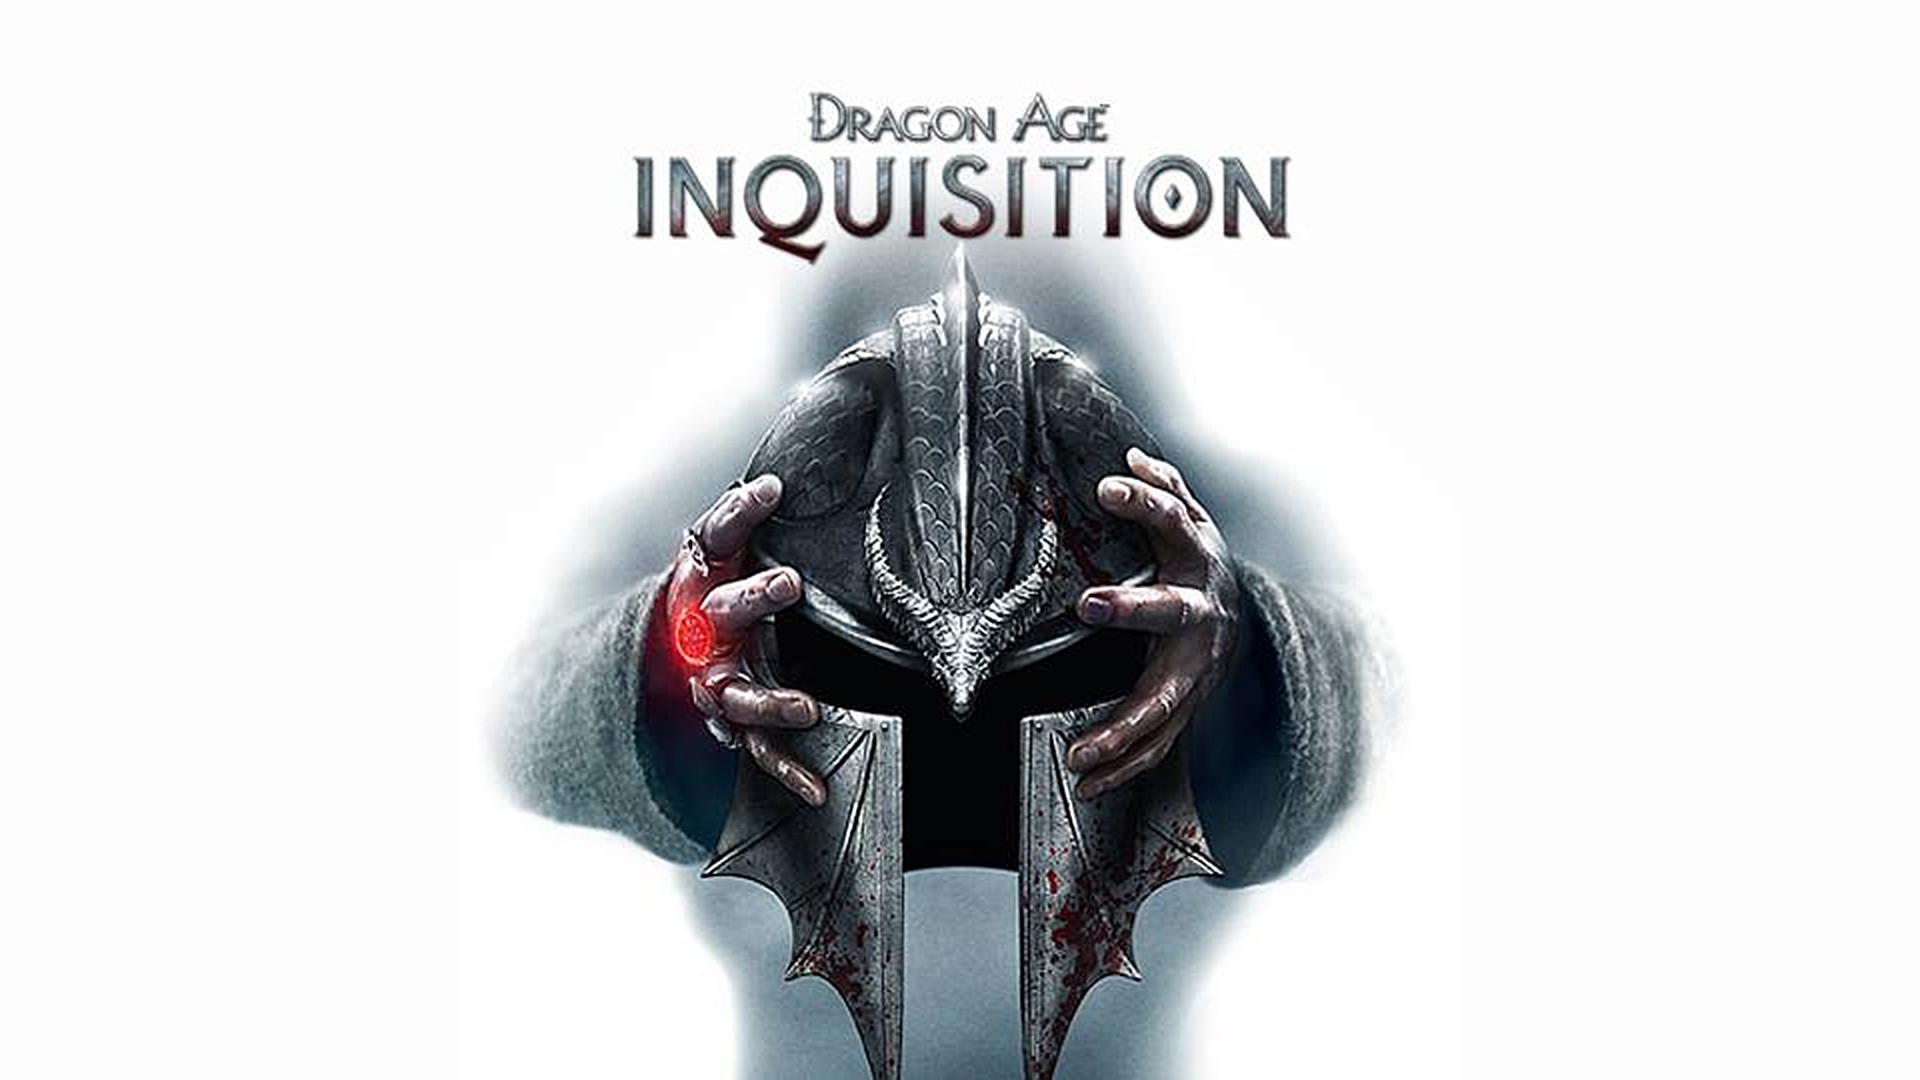 امتیازات بازی Dragon Age: Inquisition منتشر شد | قهرمانان موفق ظاهر شدند